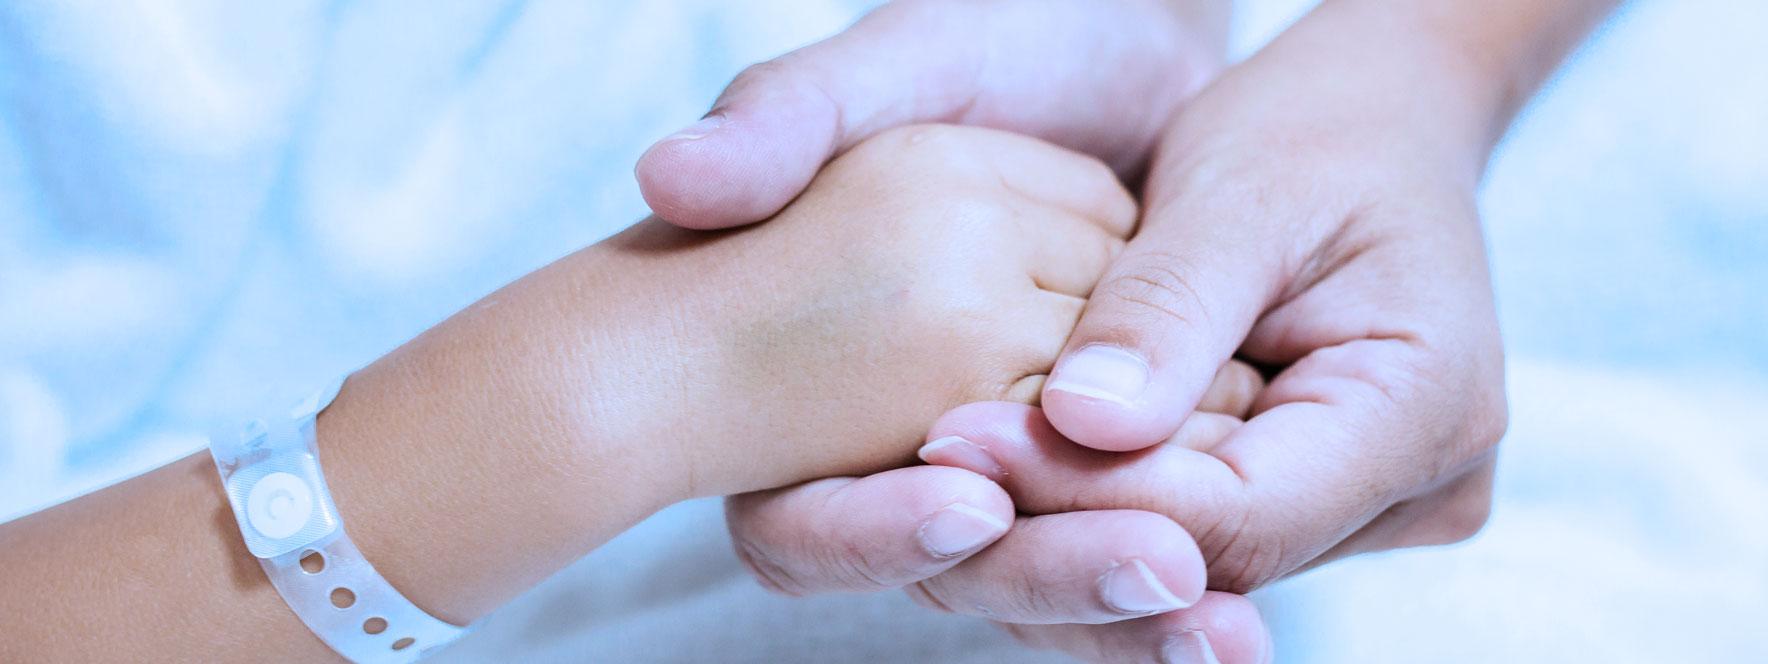 Peut-on masser les personnes atteintes de cancer? Blogue du Réseau